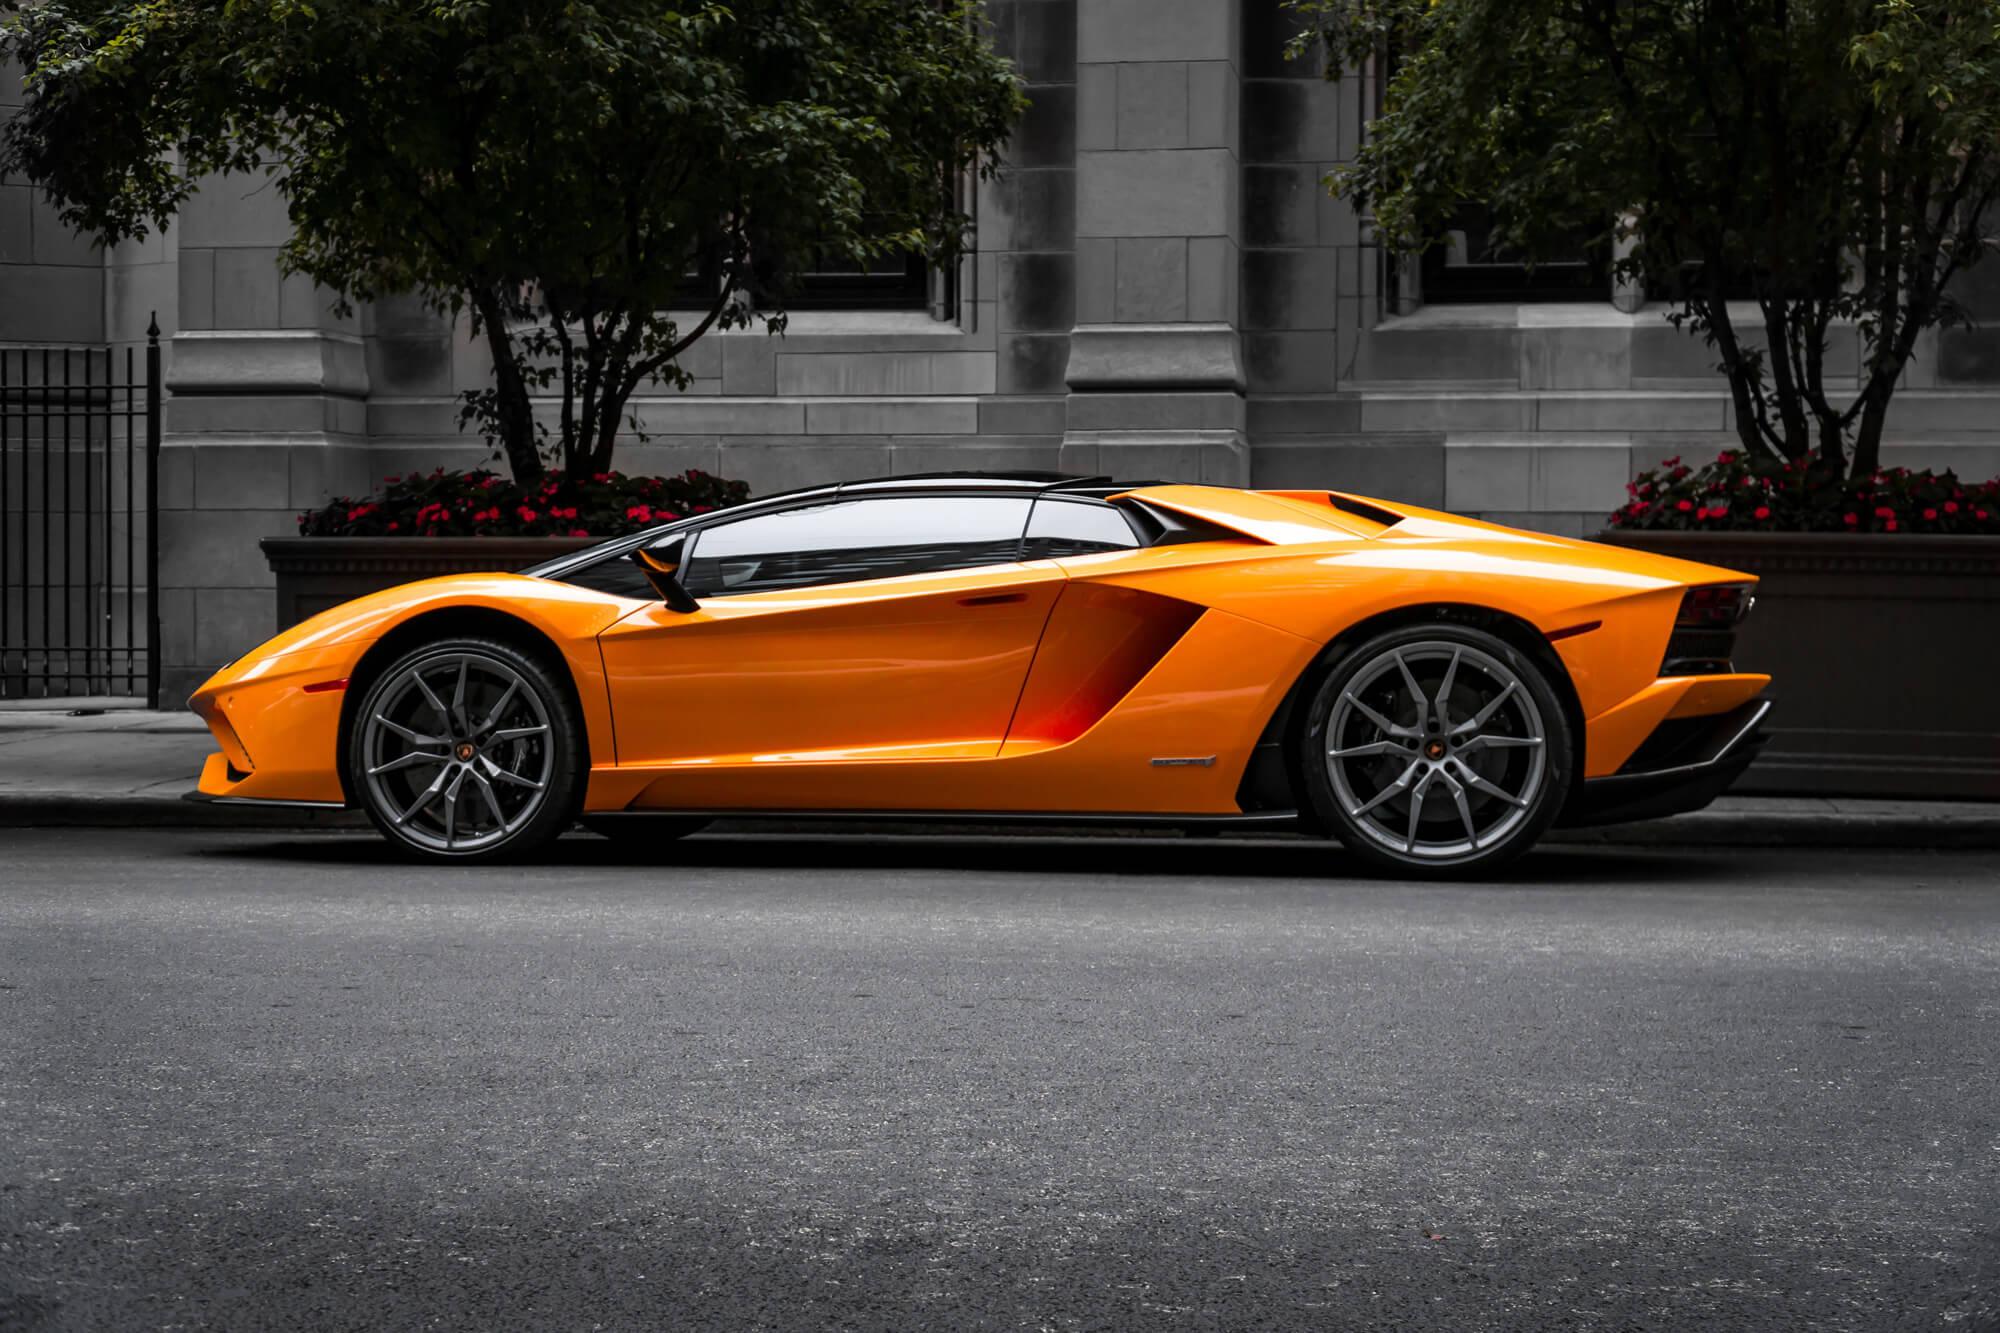 Alquilar Lamborghini para eventos